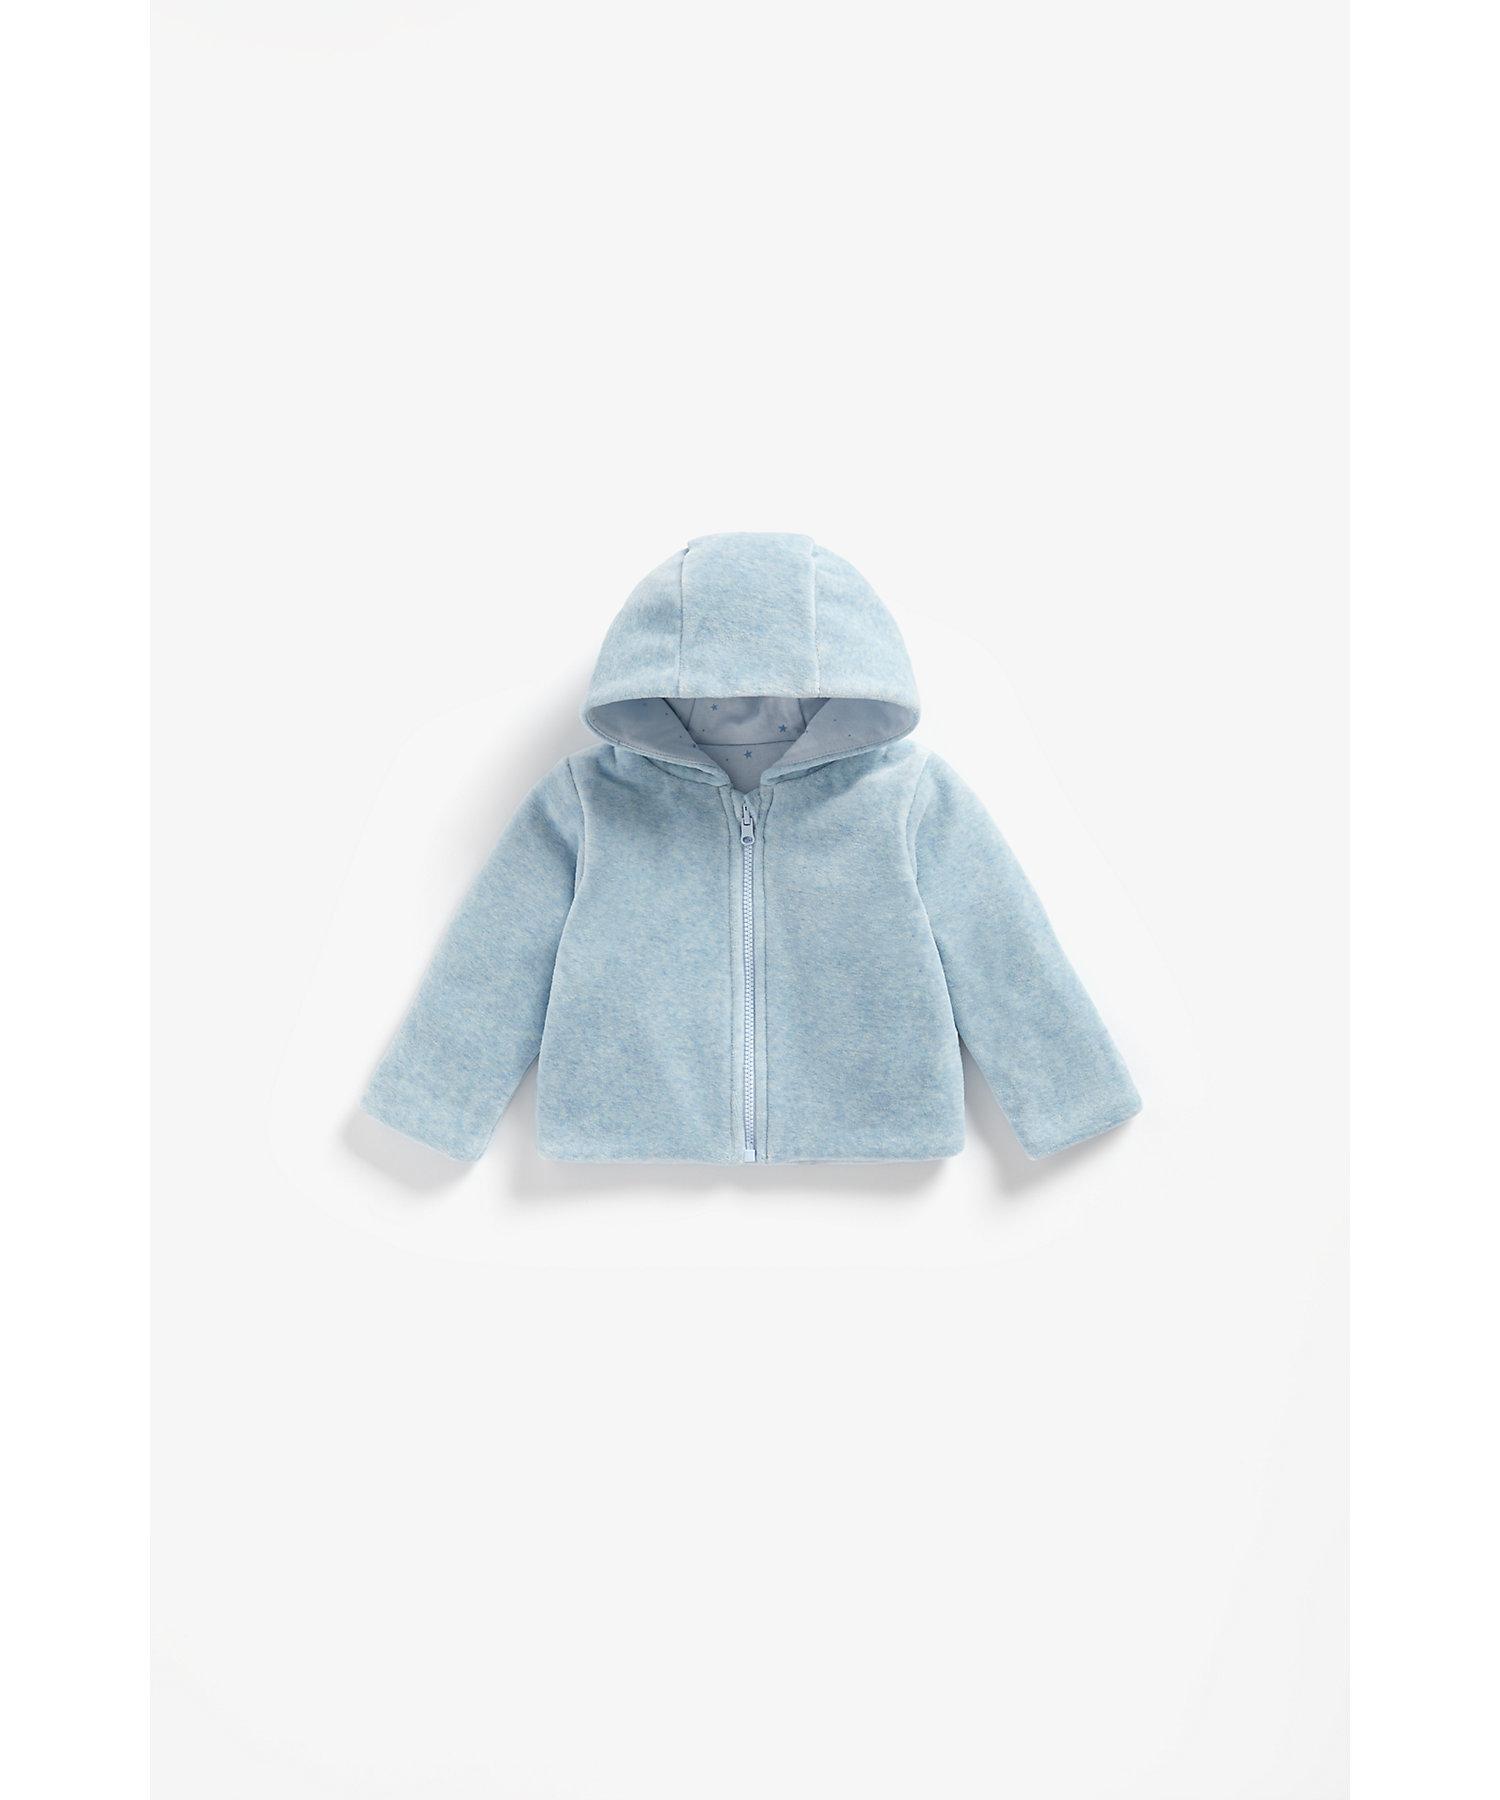 Mothercare | Boys Full Sleeves Reversible Velour Jacket Hooded - Blue